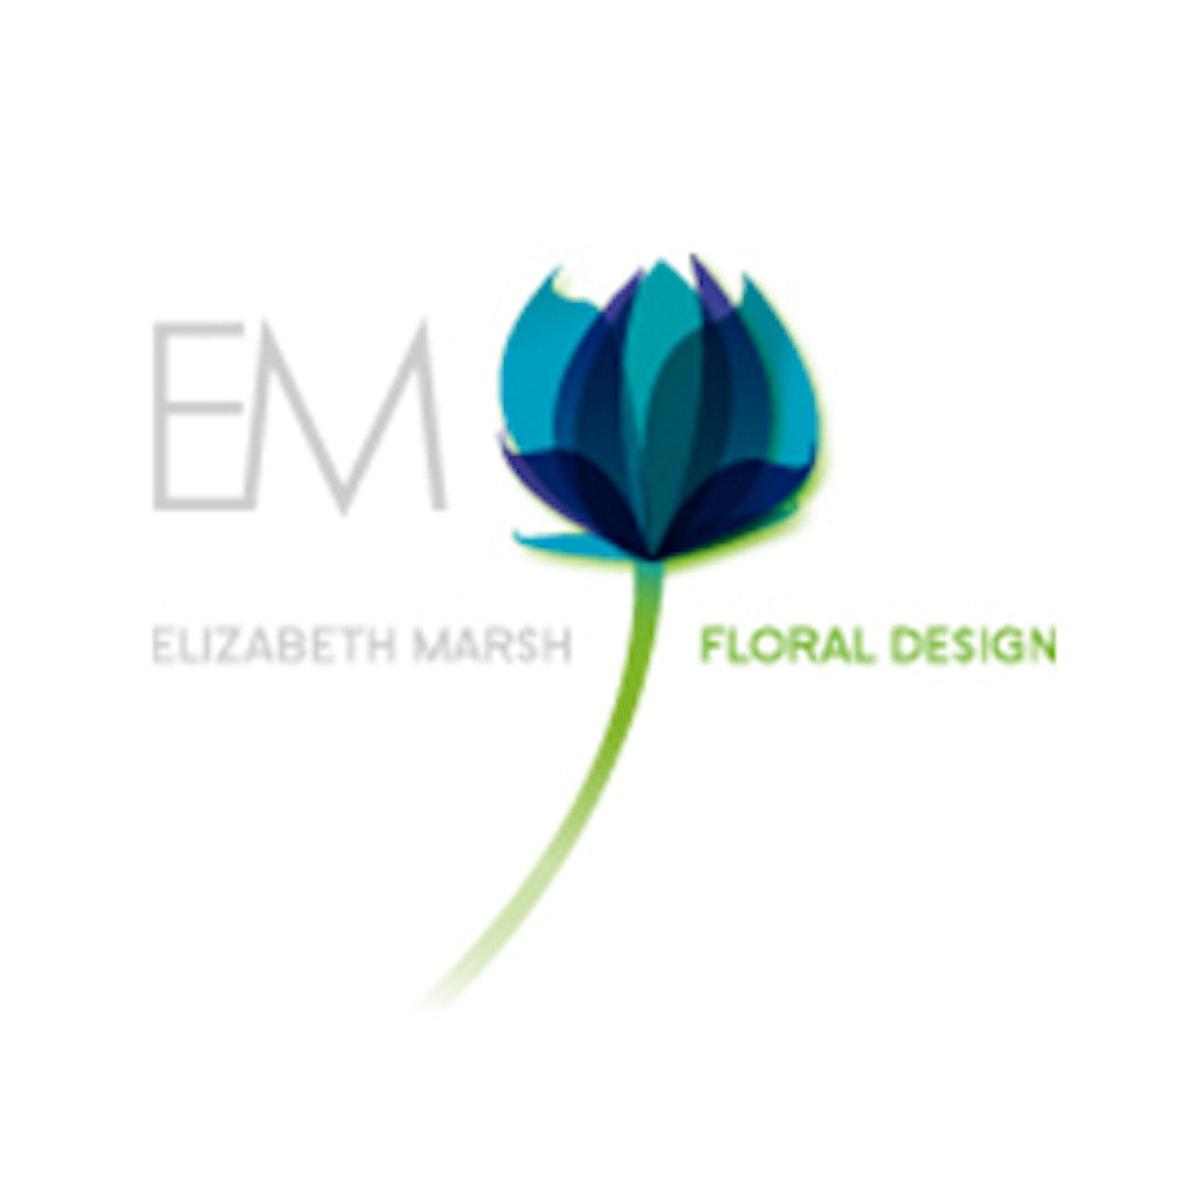 Elizabeth Marsh Floral Design Ltd